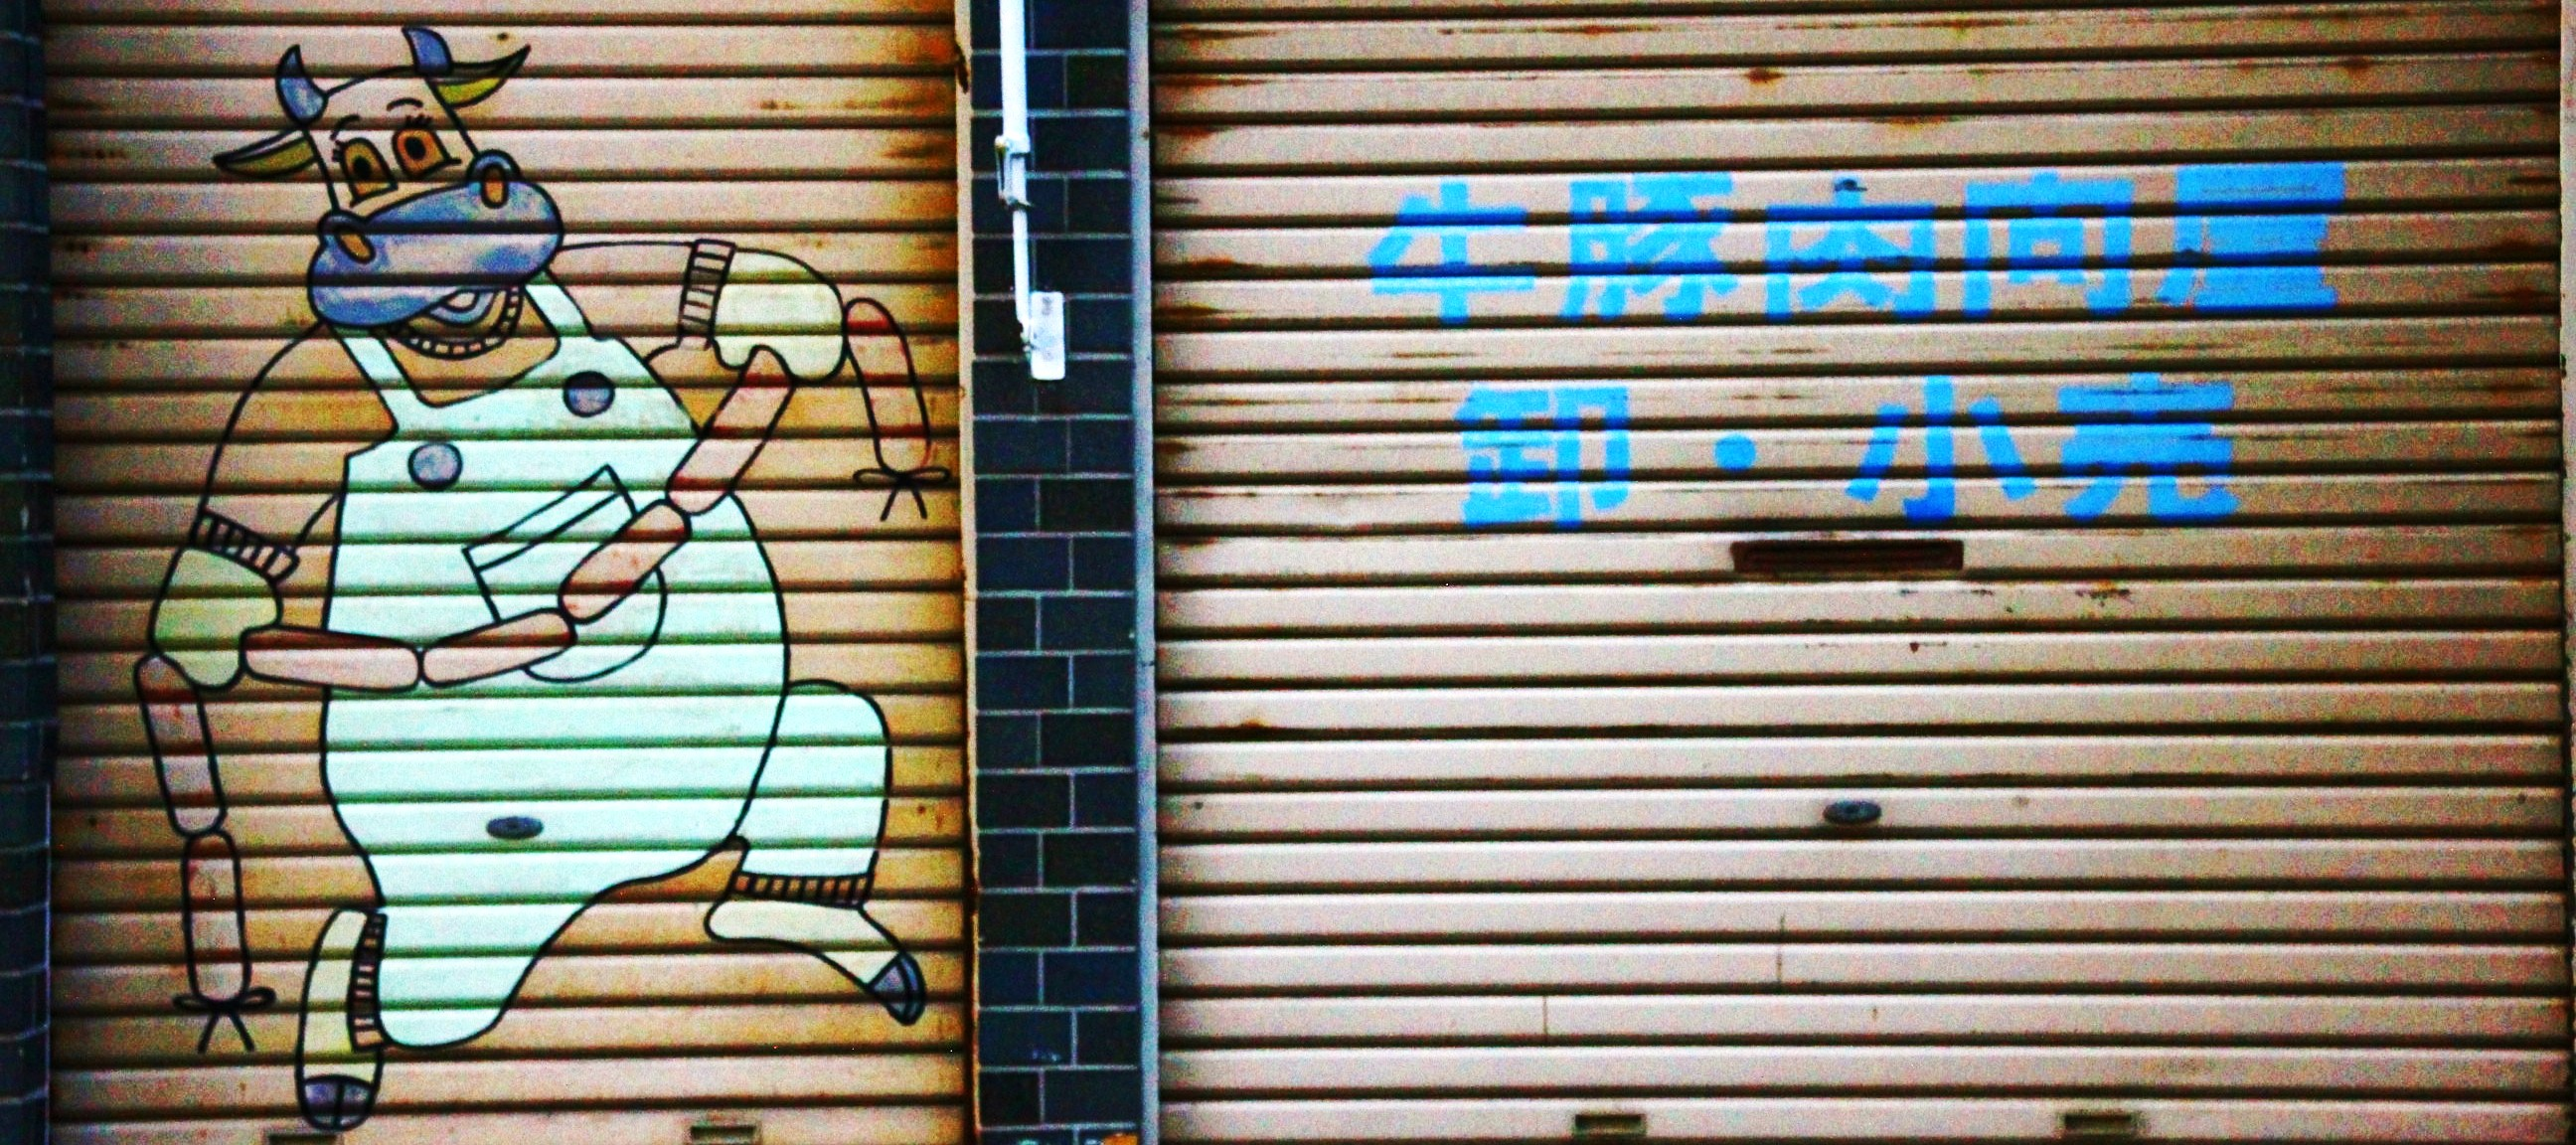 Yokohama graffiti wall - Yokohama Japan